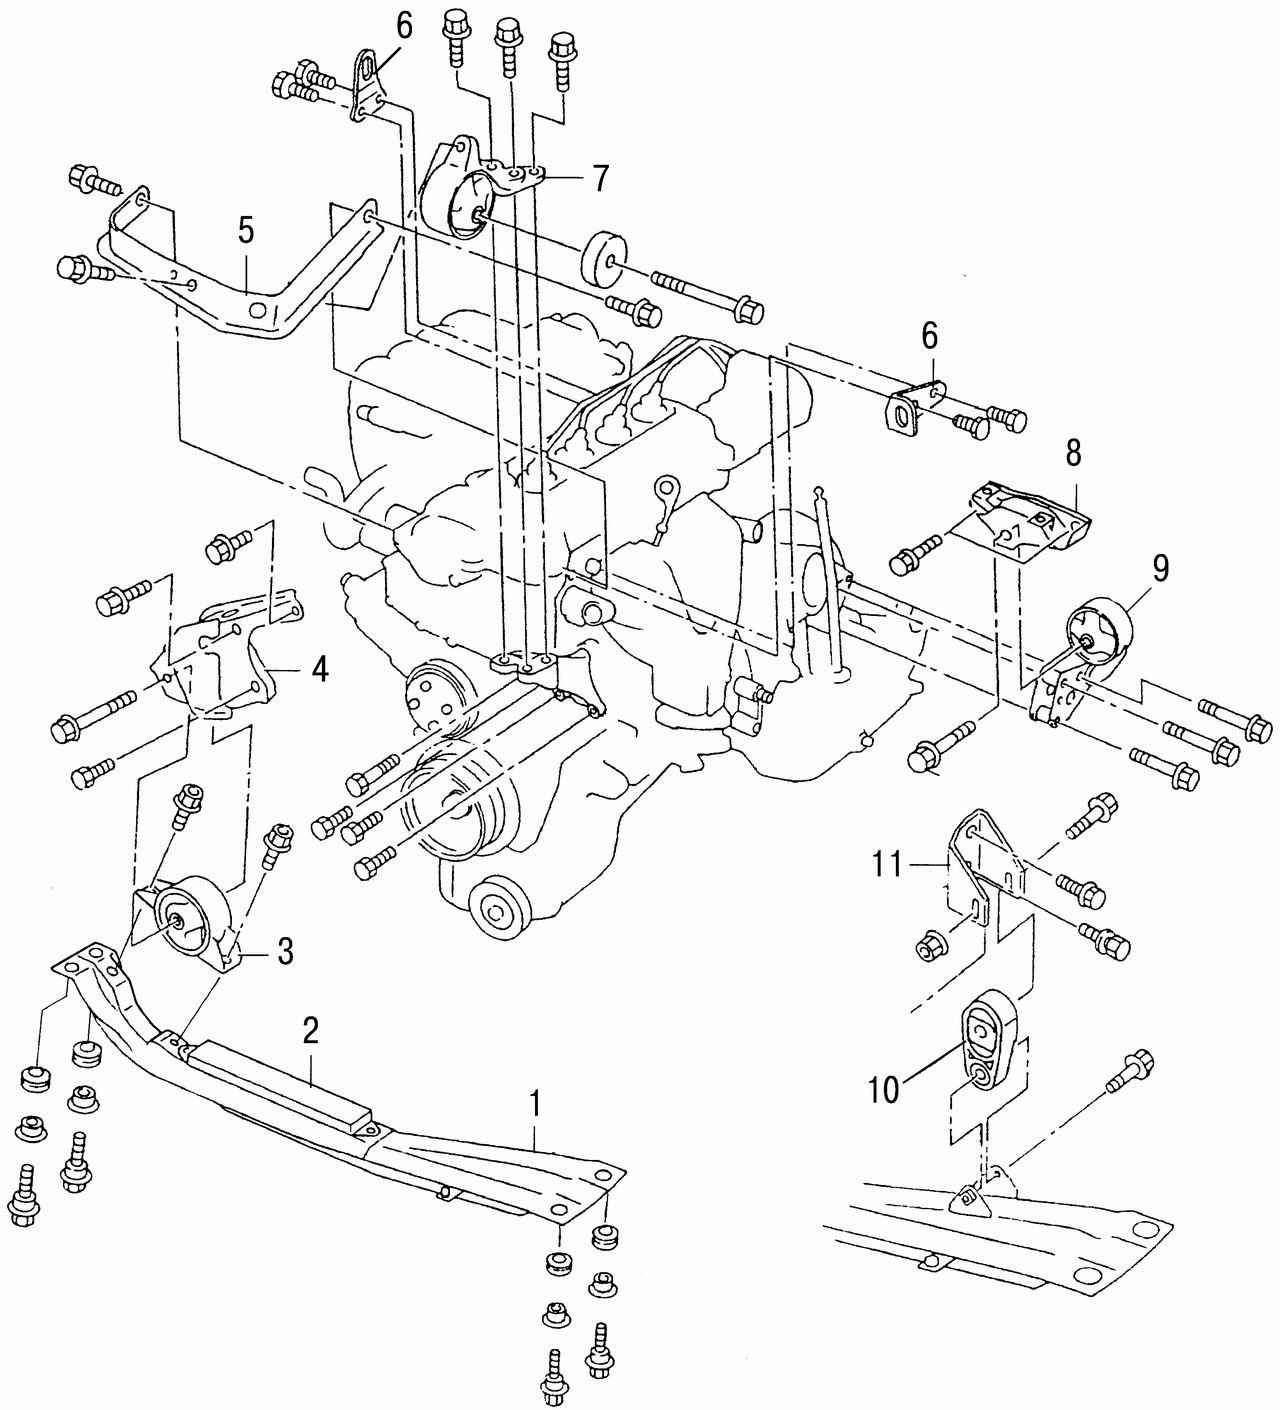 Система выхлопа ниссан альмера классик схема